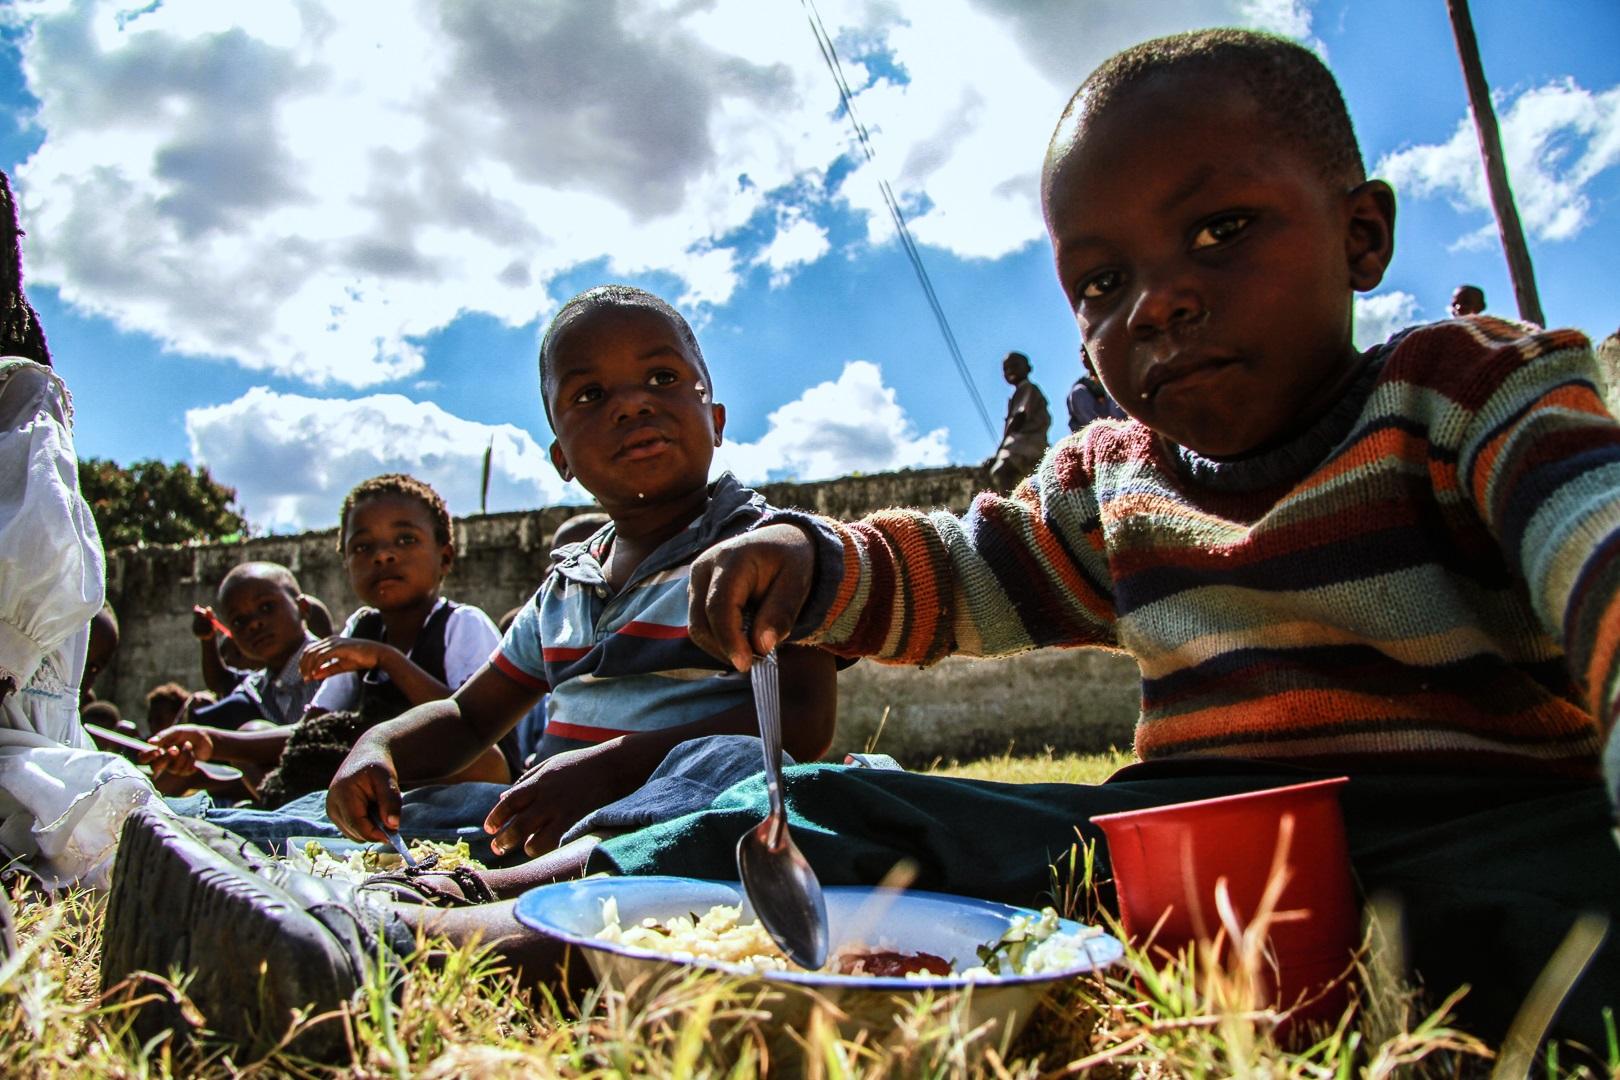 17 مليار دولار لتحسين الأمن الغذائي في إفريقيا